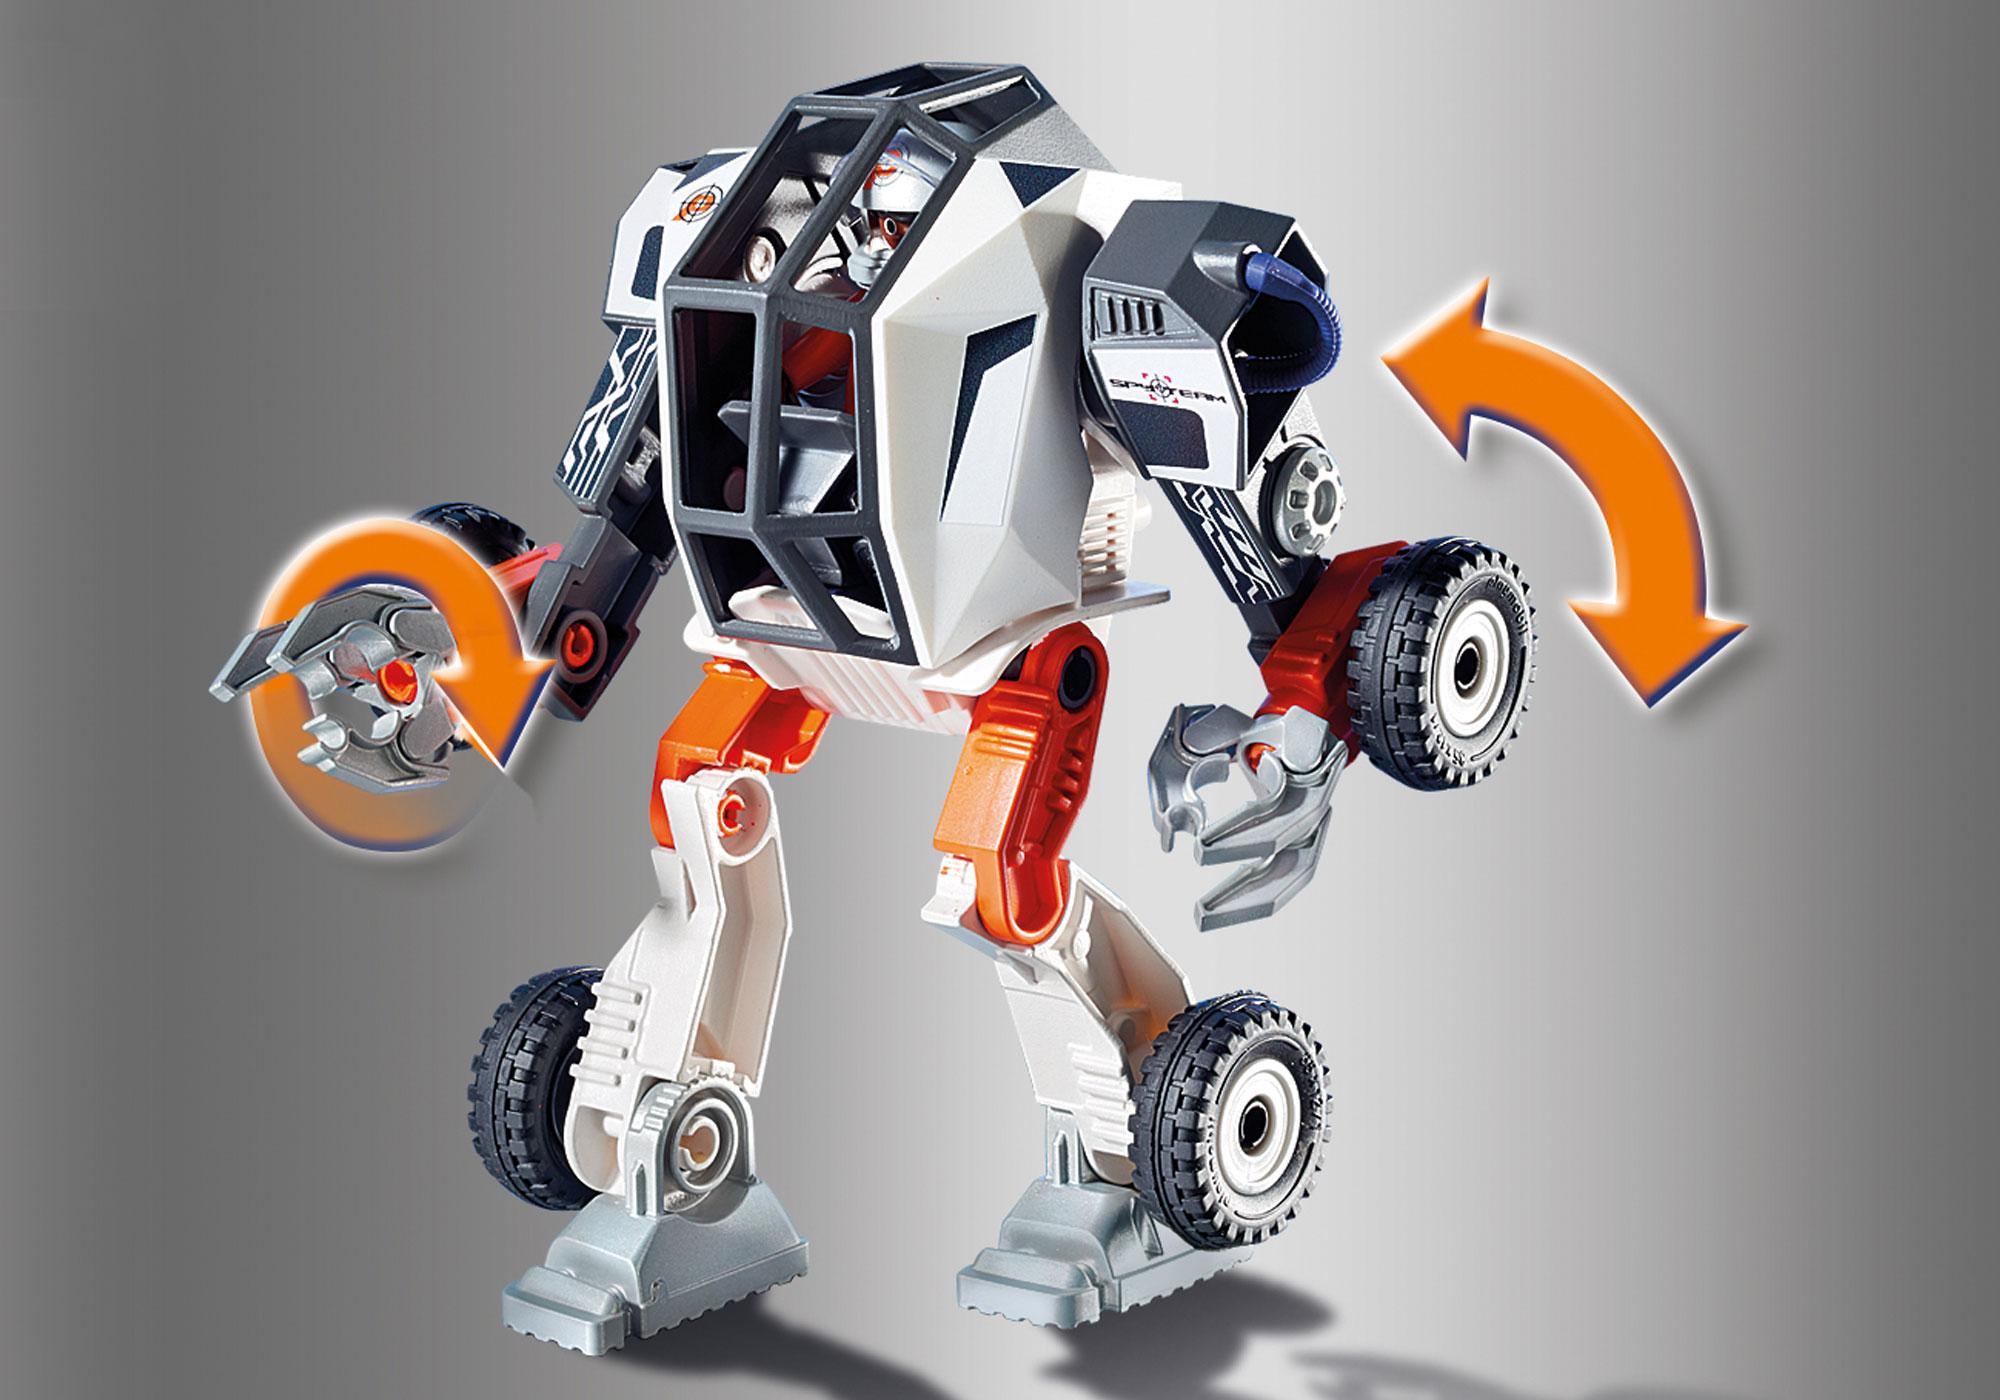 http://media.playmobil.com/i/playmobil/9251_product_extra2/Chef de la Spy Team avec Robot Mech